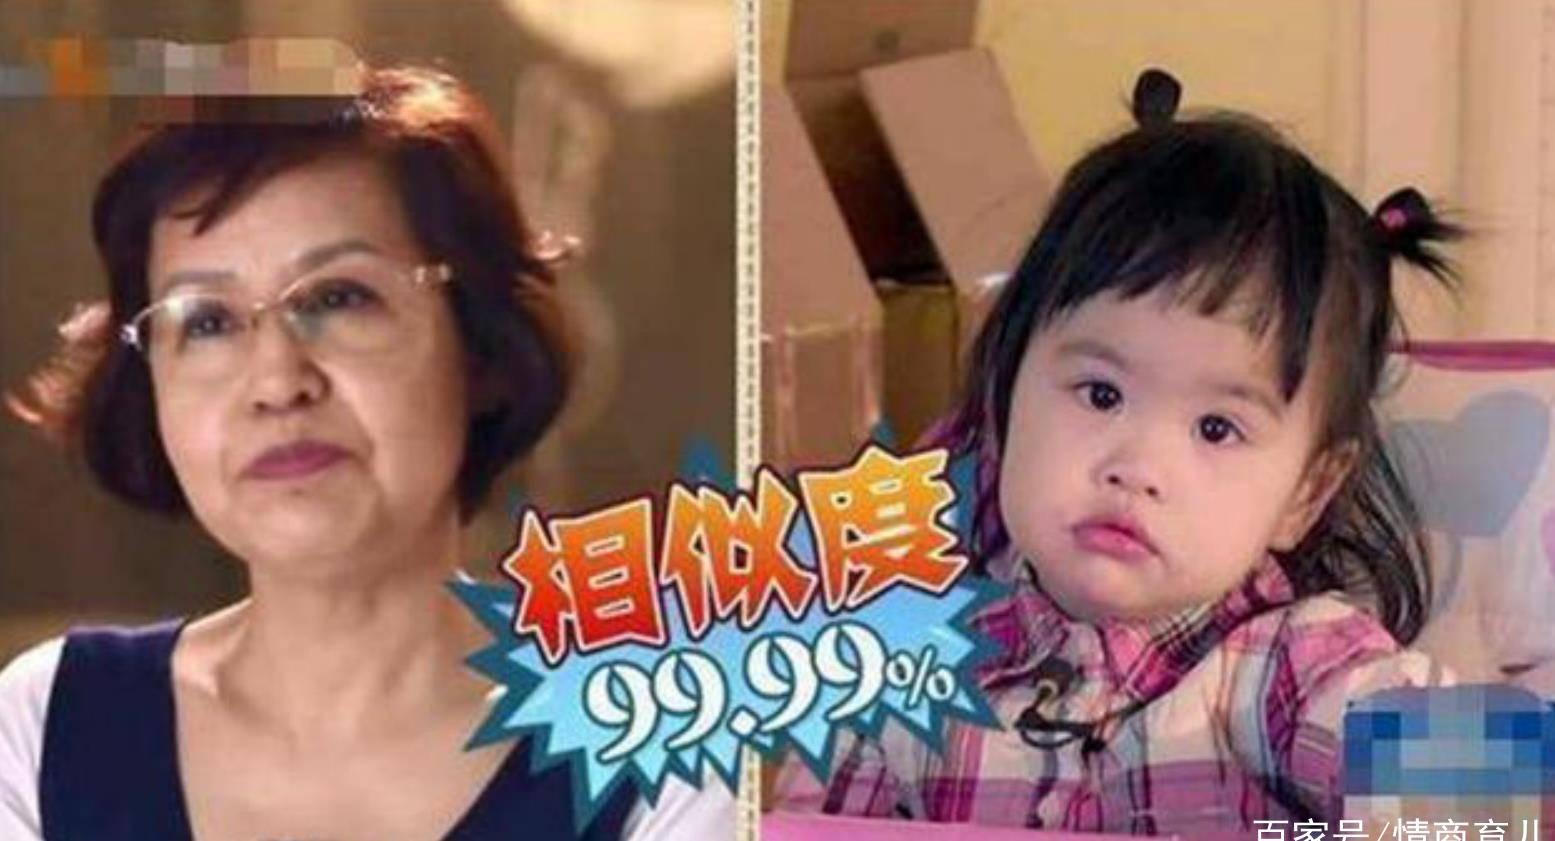 奶奶和孙女之间的称呼 奶孙的关系怎么填